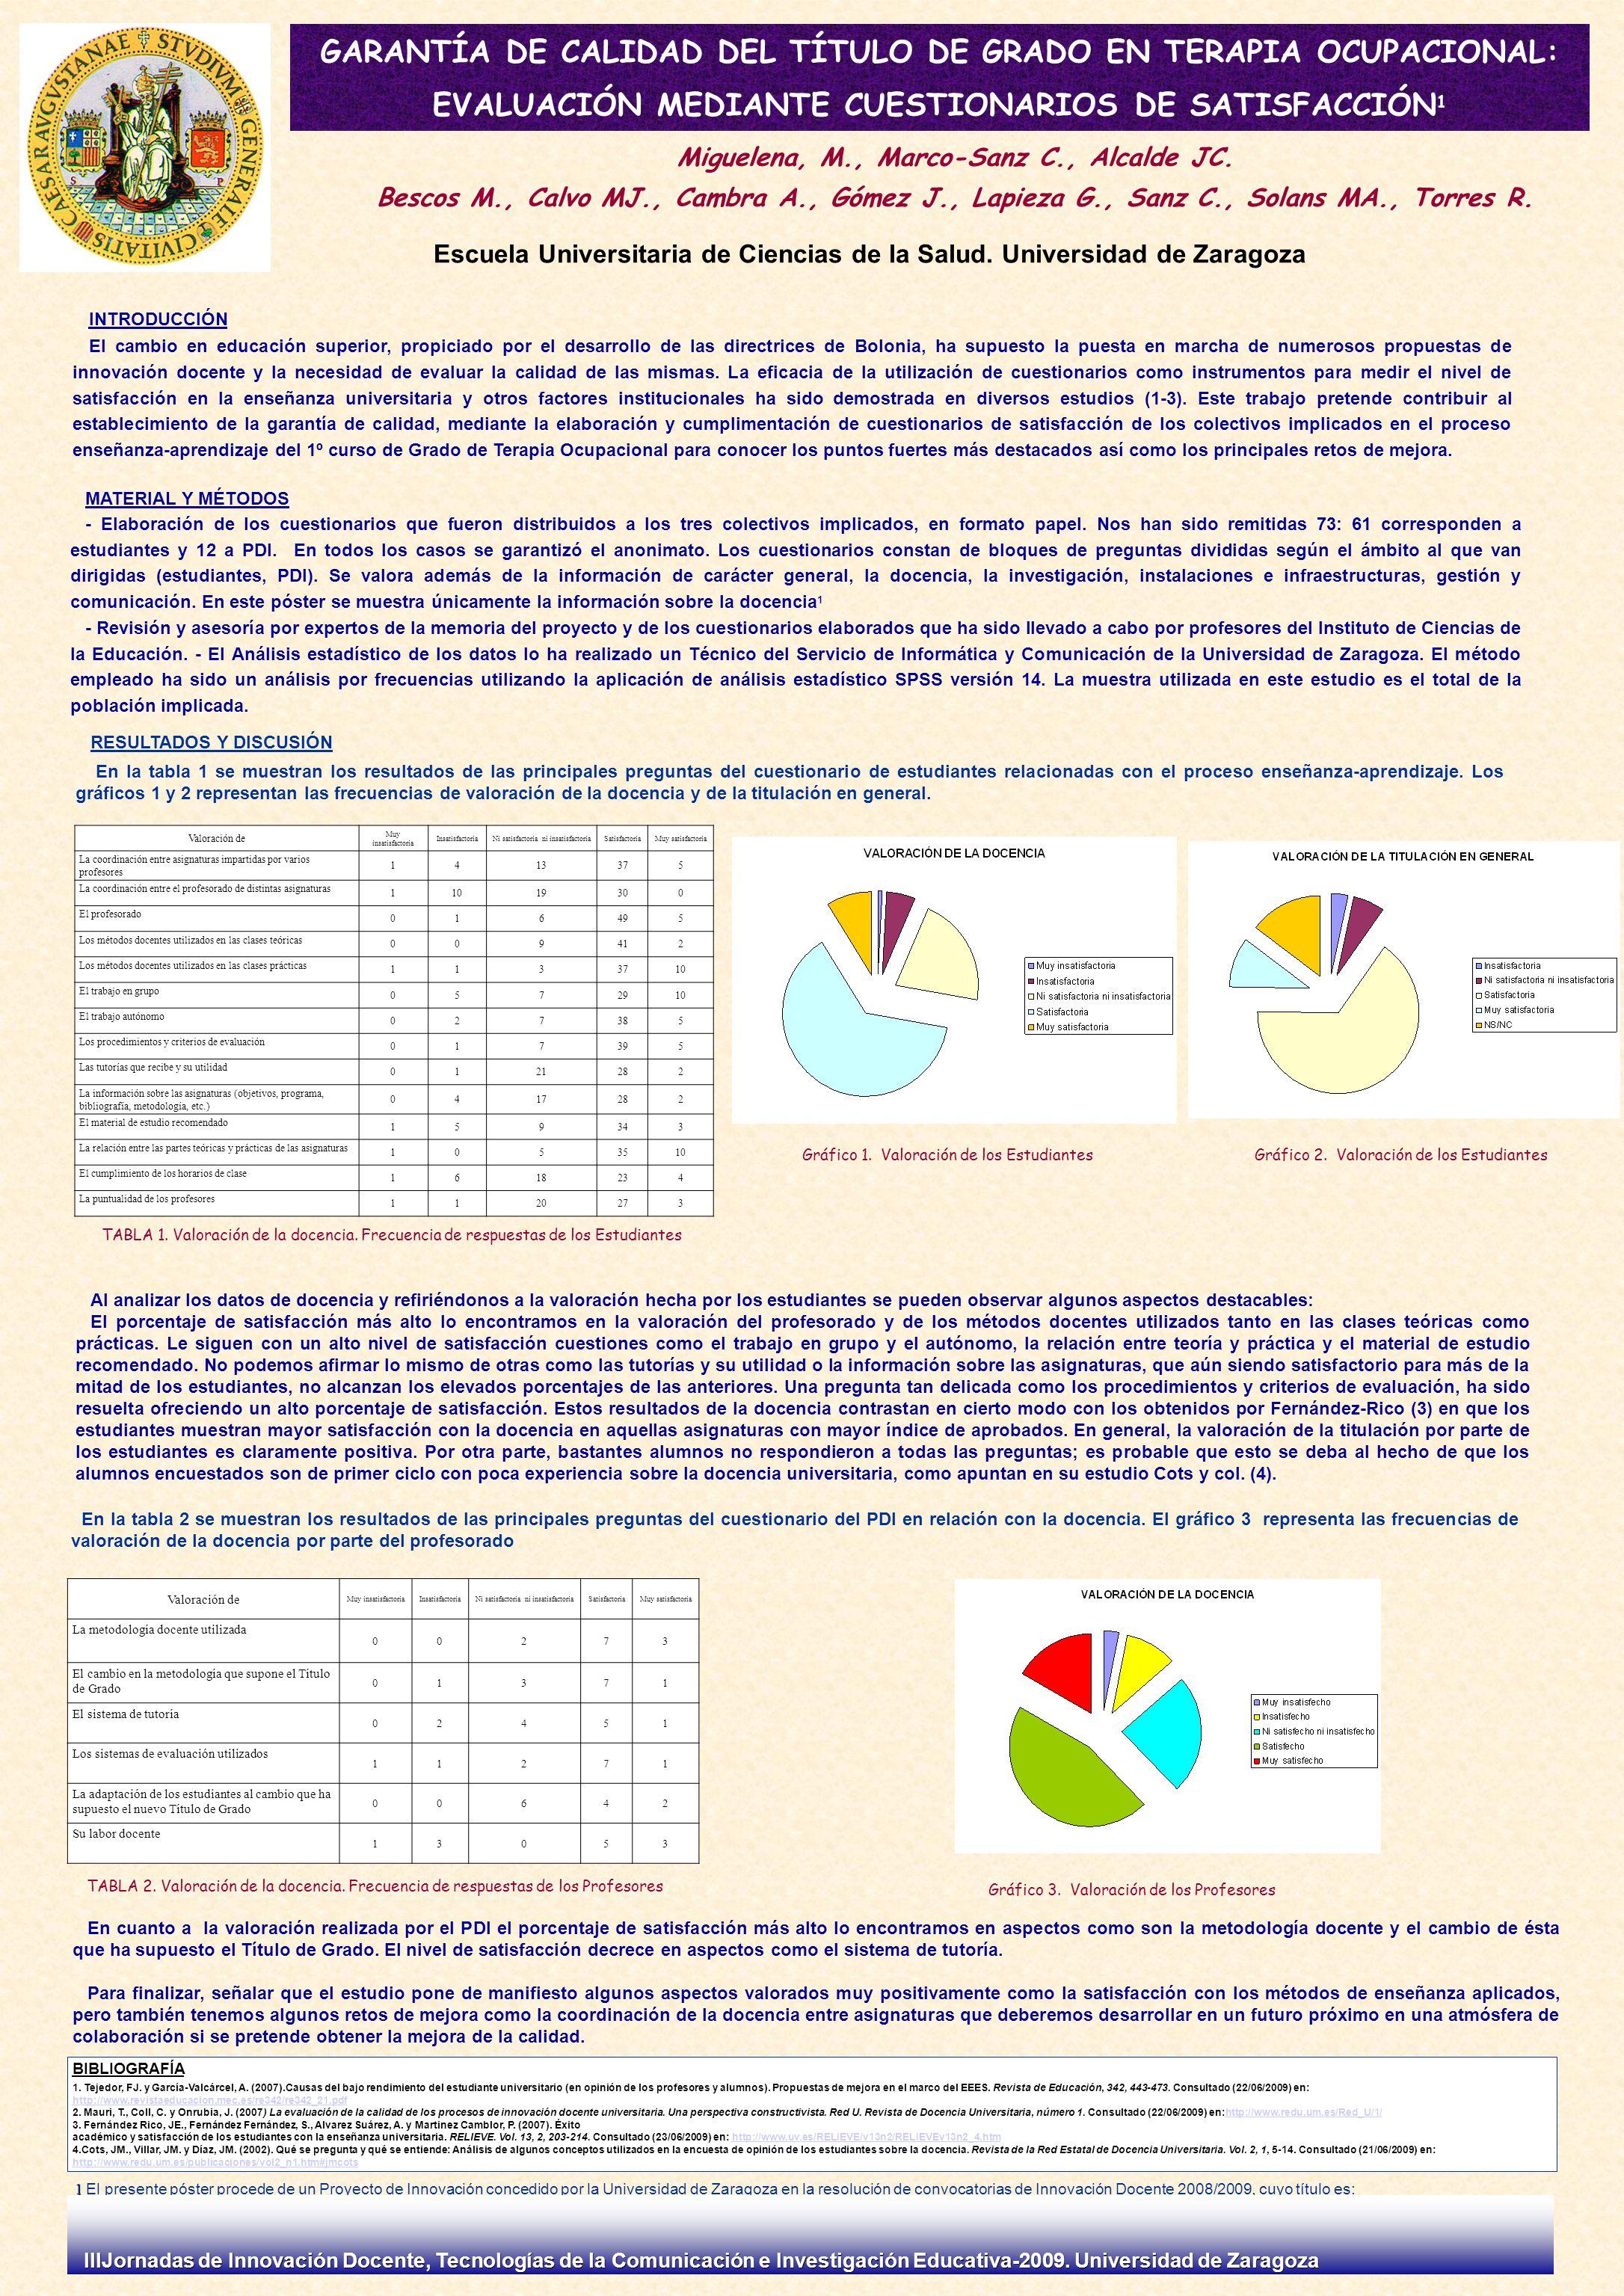 INTRODUCCIÓN El cambio en educación superior, propiciado por el desarrollo de las directrices de Bolonia, ha supuesto la puesta en marcha de numerosos propuestas de innovación docente y la necesidad de evaluar la calidad de las mismas.